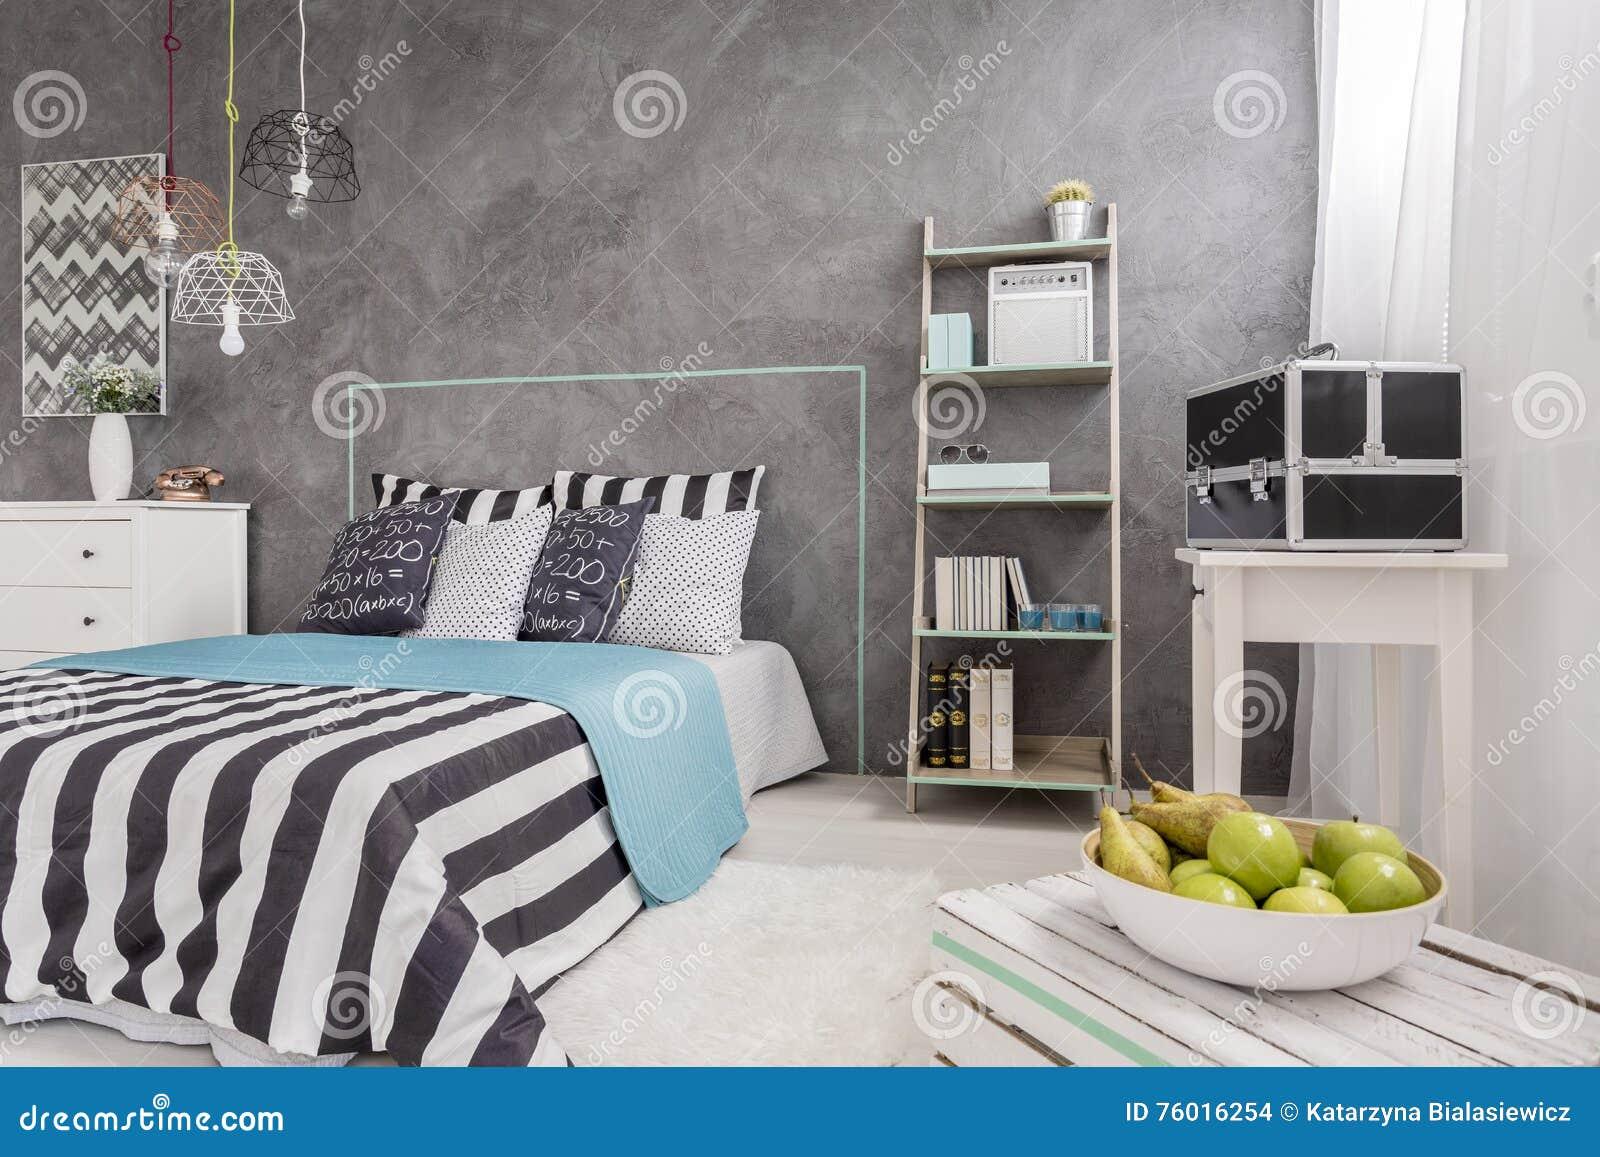 Schlafzimmer ideen bett an der wand latex kopfkissen - Farbvorschlage wohnzimmer ...